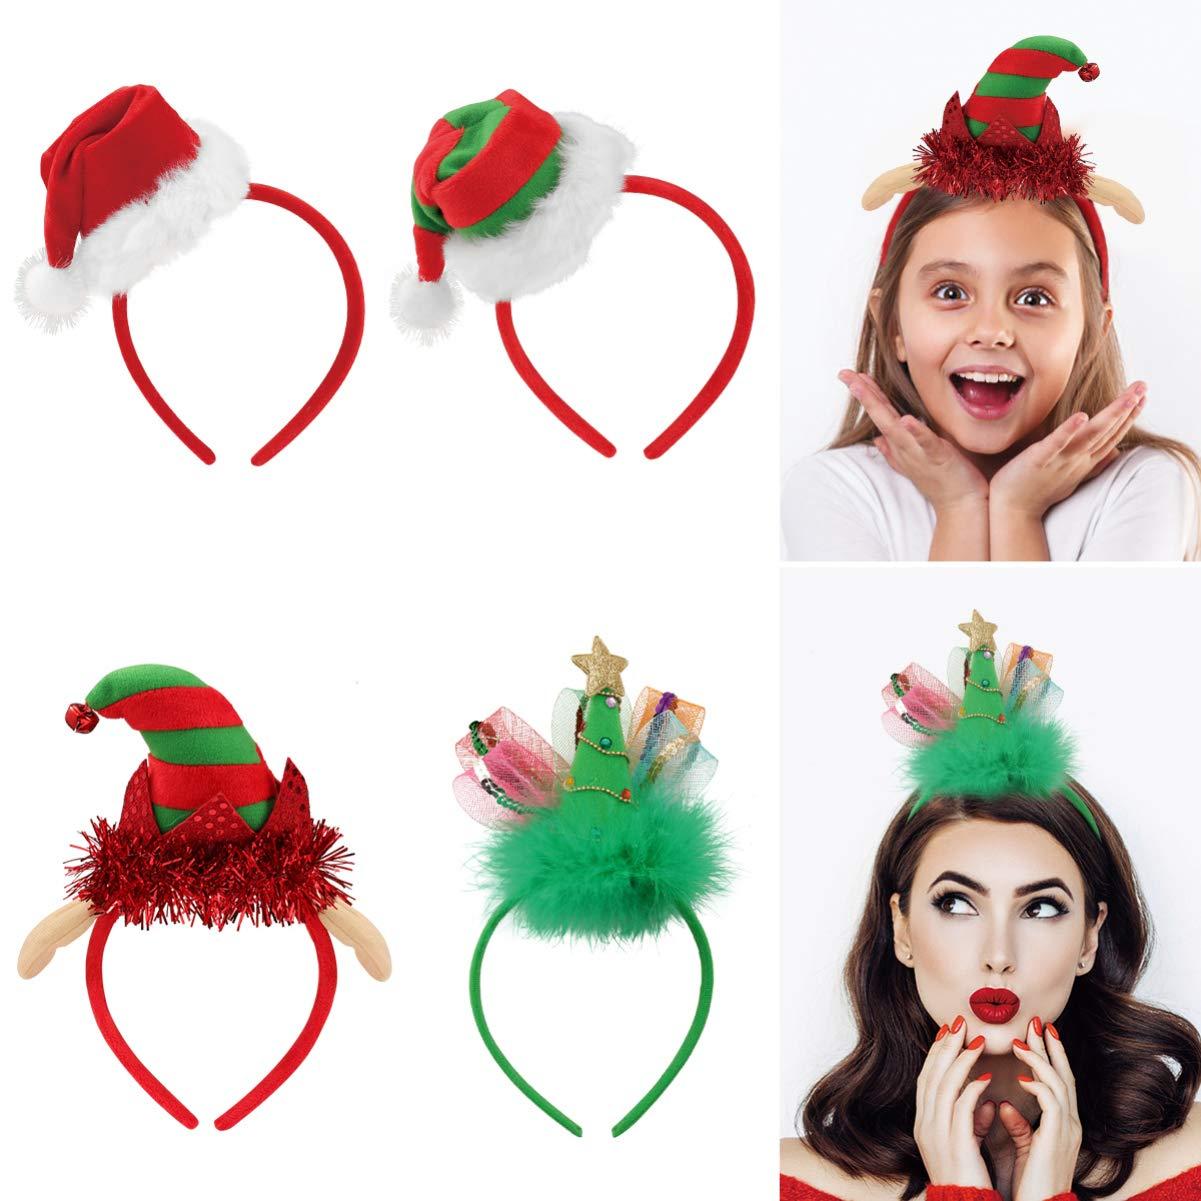 FRCOLOR Manufacturer OFFicial shop Regular dealer Christmas Headband Santa Tree Hat Elf